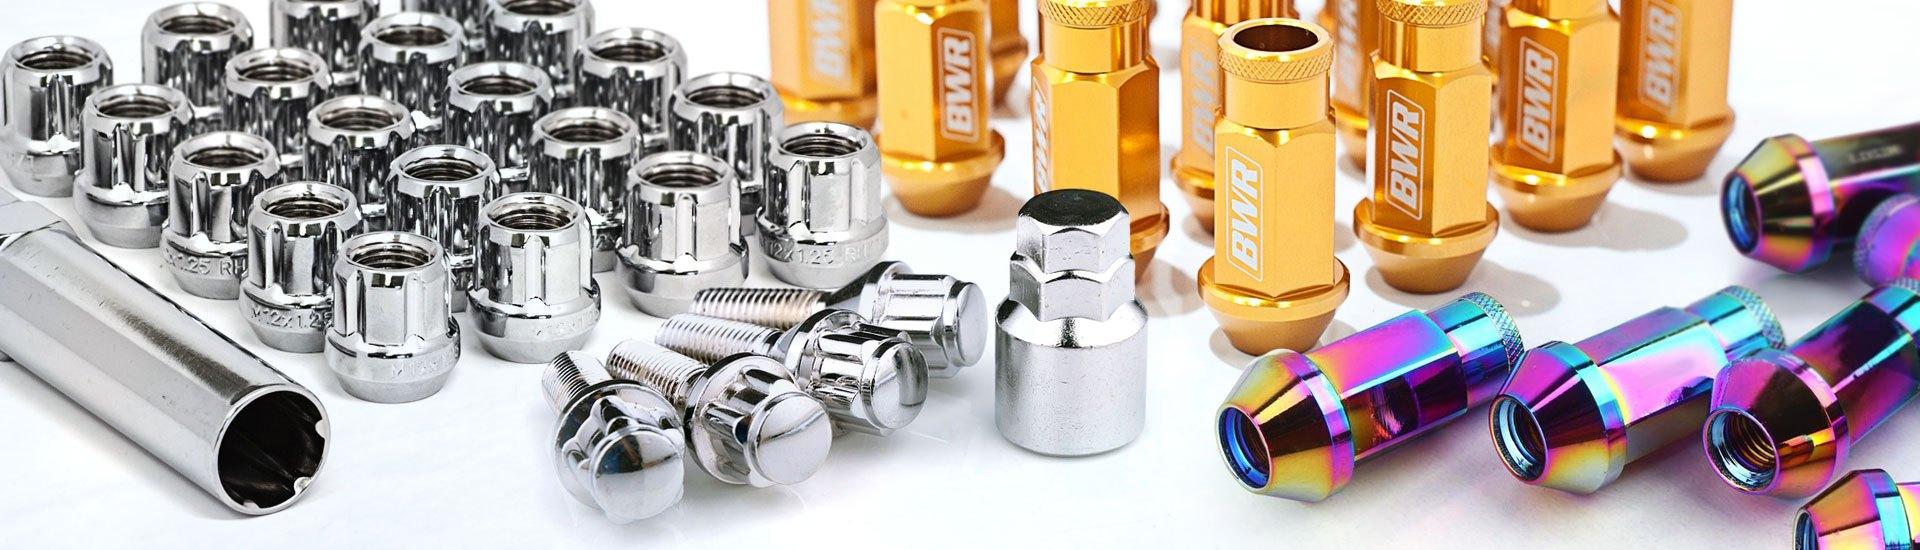 Lug Nuts & Locks